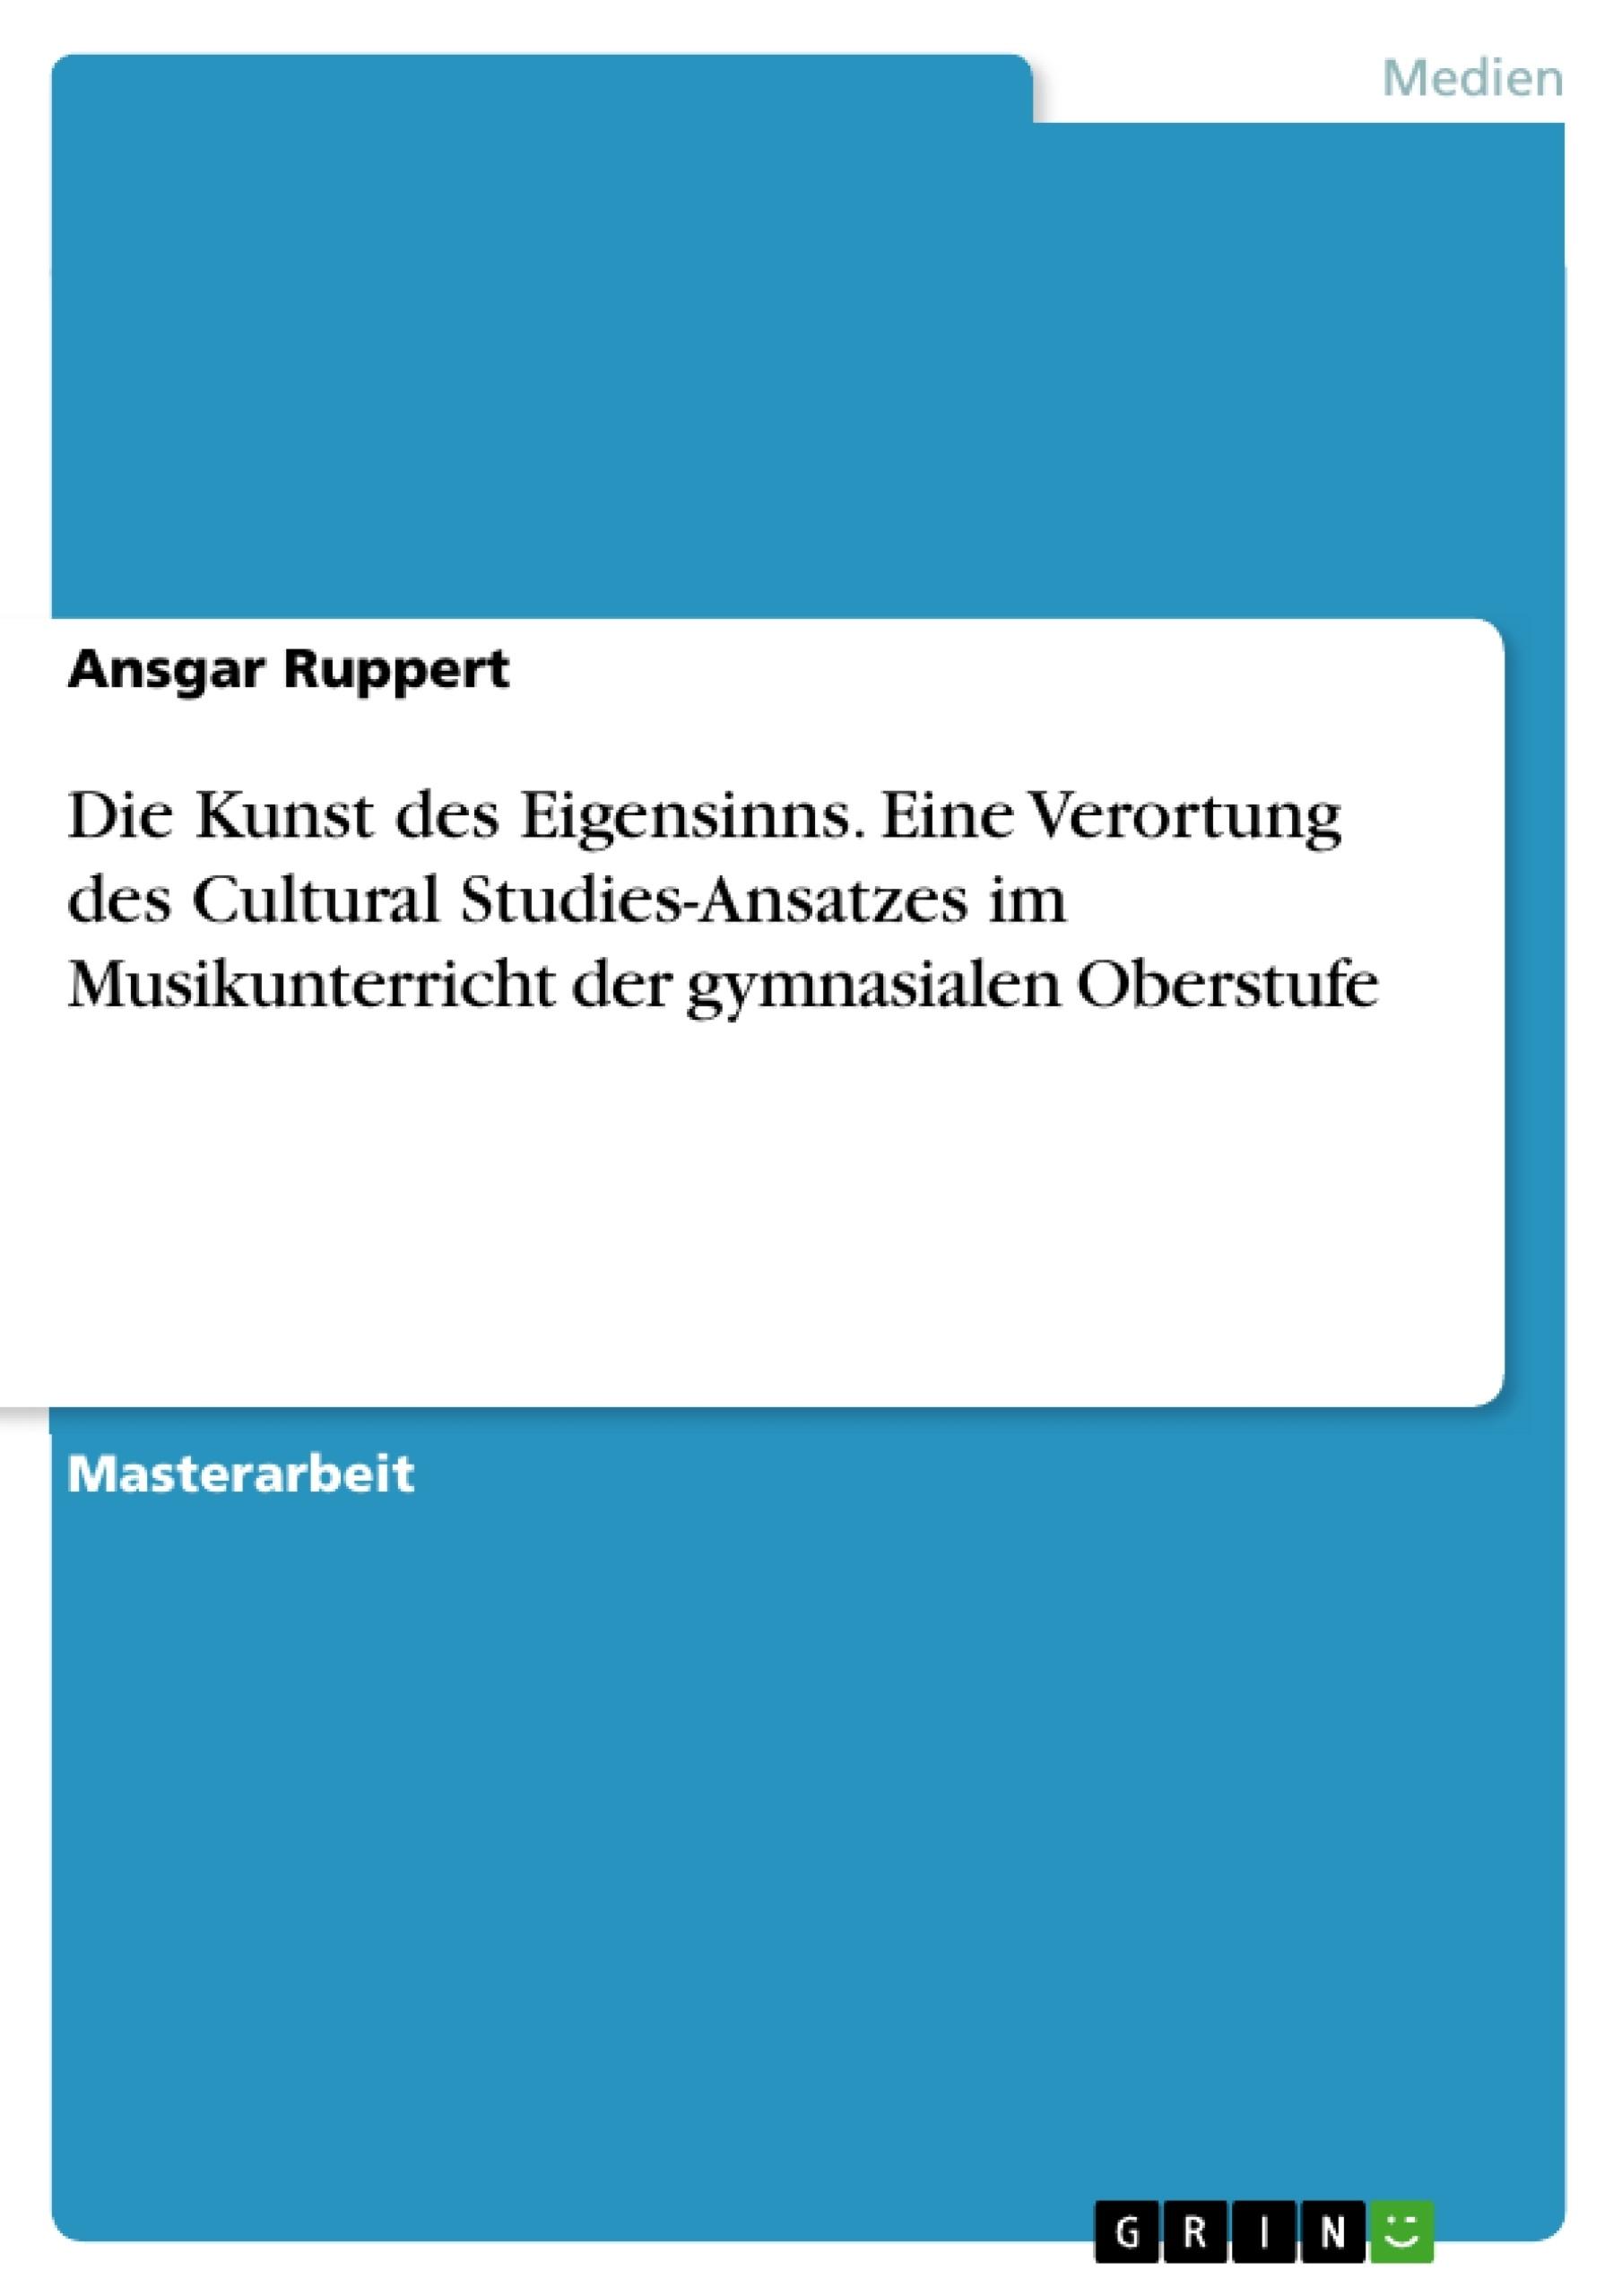 Titel: Die Kunst des Eigensinns. Eine Verortung des Cultural Studies-Ansatzes im Musikunterricht der gymnasialen Oberstufe